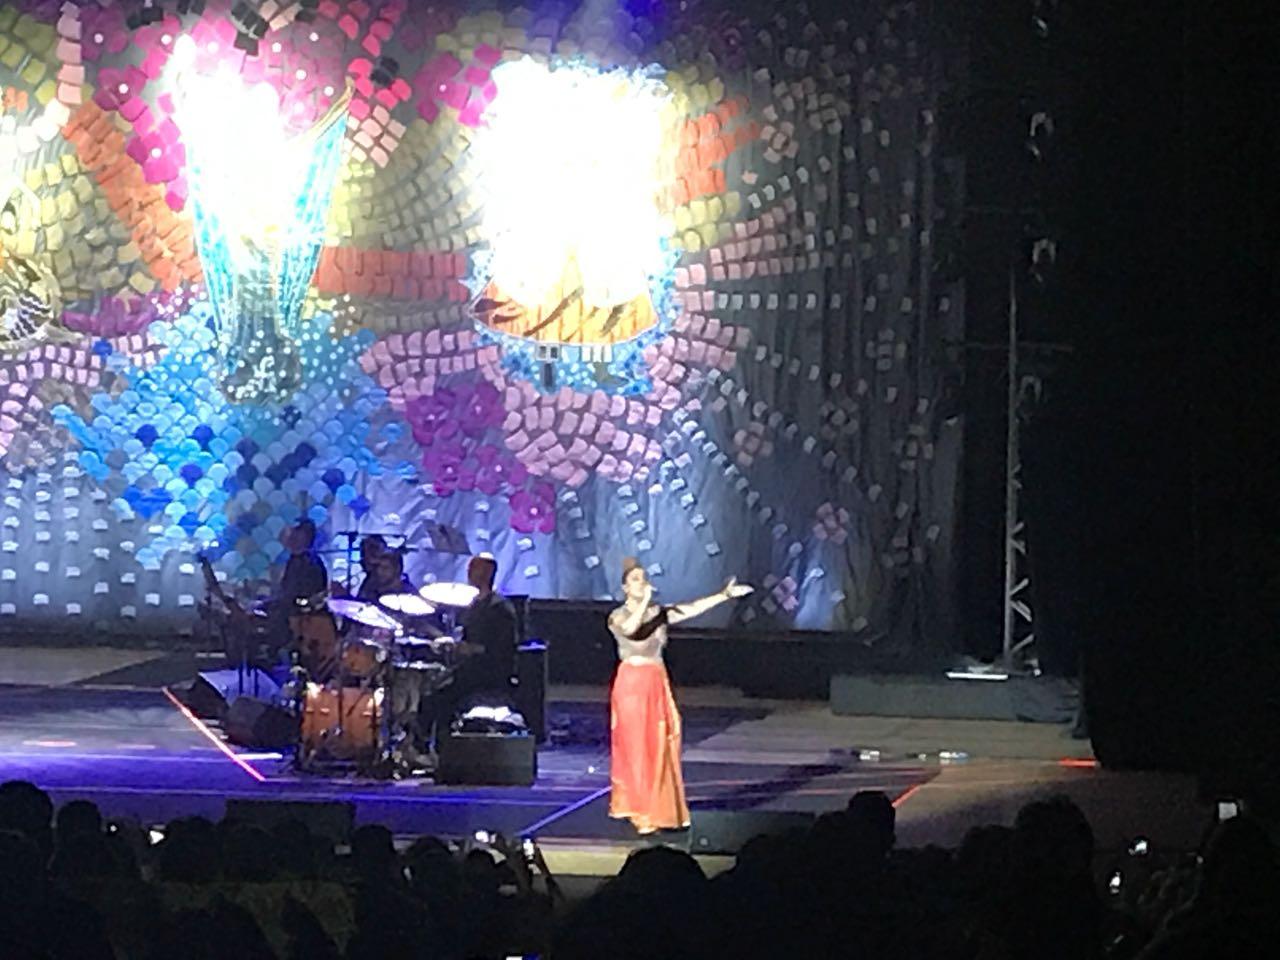 WhatsApp Image 2018 04 22 at 10.30.08 - Maria Rita discursa sobre violência e intolerância no Brasil durante show em JP; VEJA VÍDEOS